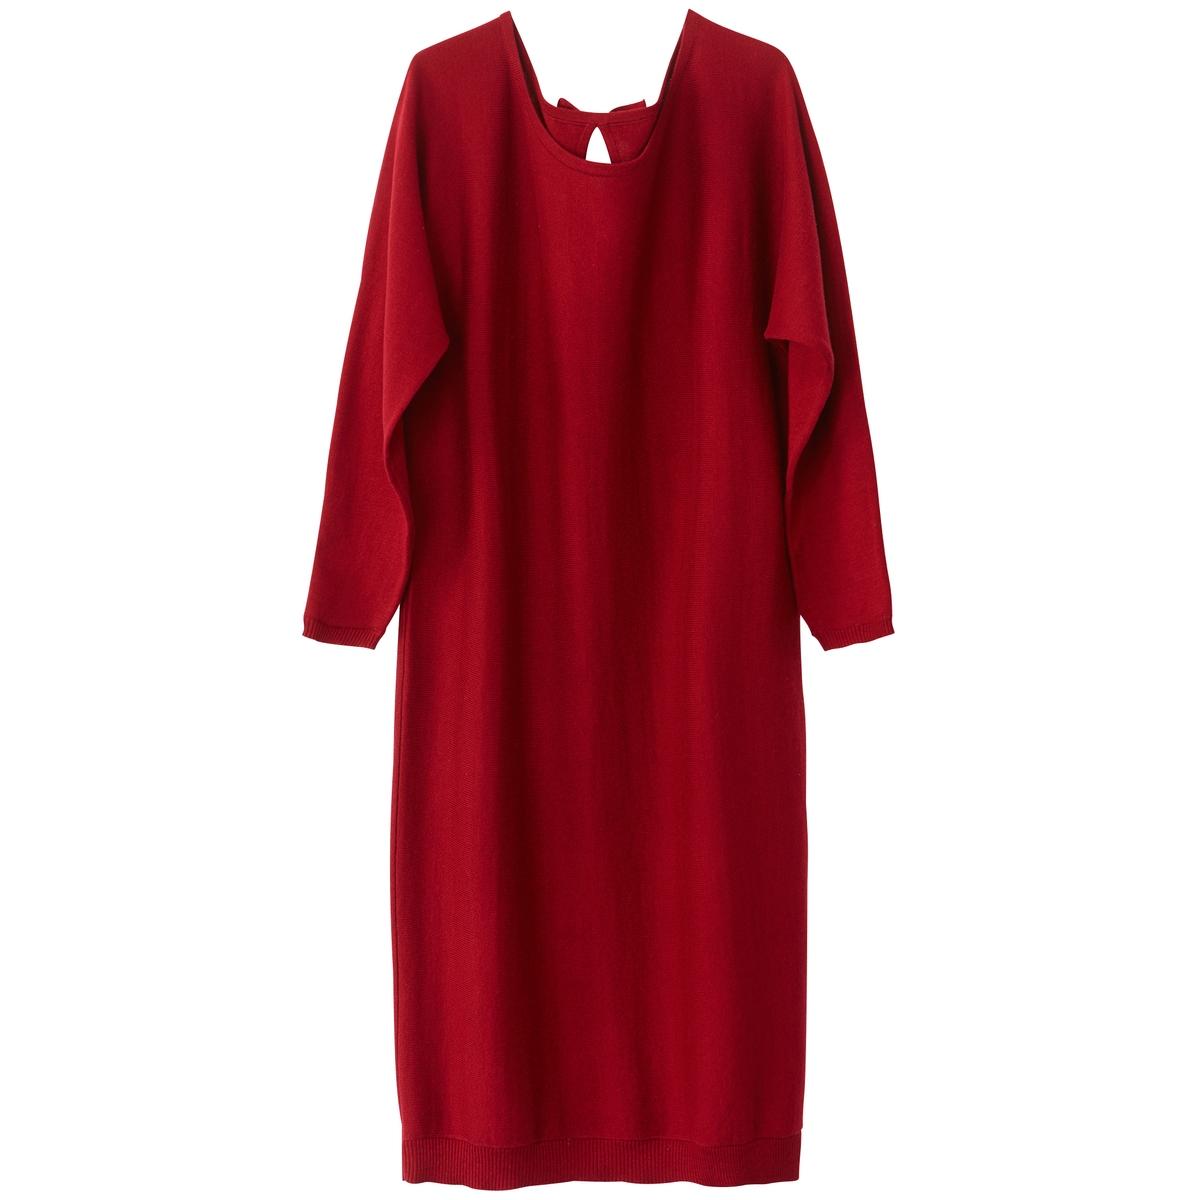 Платье прямое однотонное, средней длины, с длинными рукавамиДетали  •  Форма : прямая  •  Длина до колен •  Длинные рукава     •  Круглый вырезСостав и уход  •  5% кашемира, 95% хлопка •  Ручная стирка  •  Деликатная сухая чистка / не отбеливать  •  Не использовать барабанную сушку •  Низкая температура глажки<br><br>Цвет: красный темный,серый меланж,черный